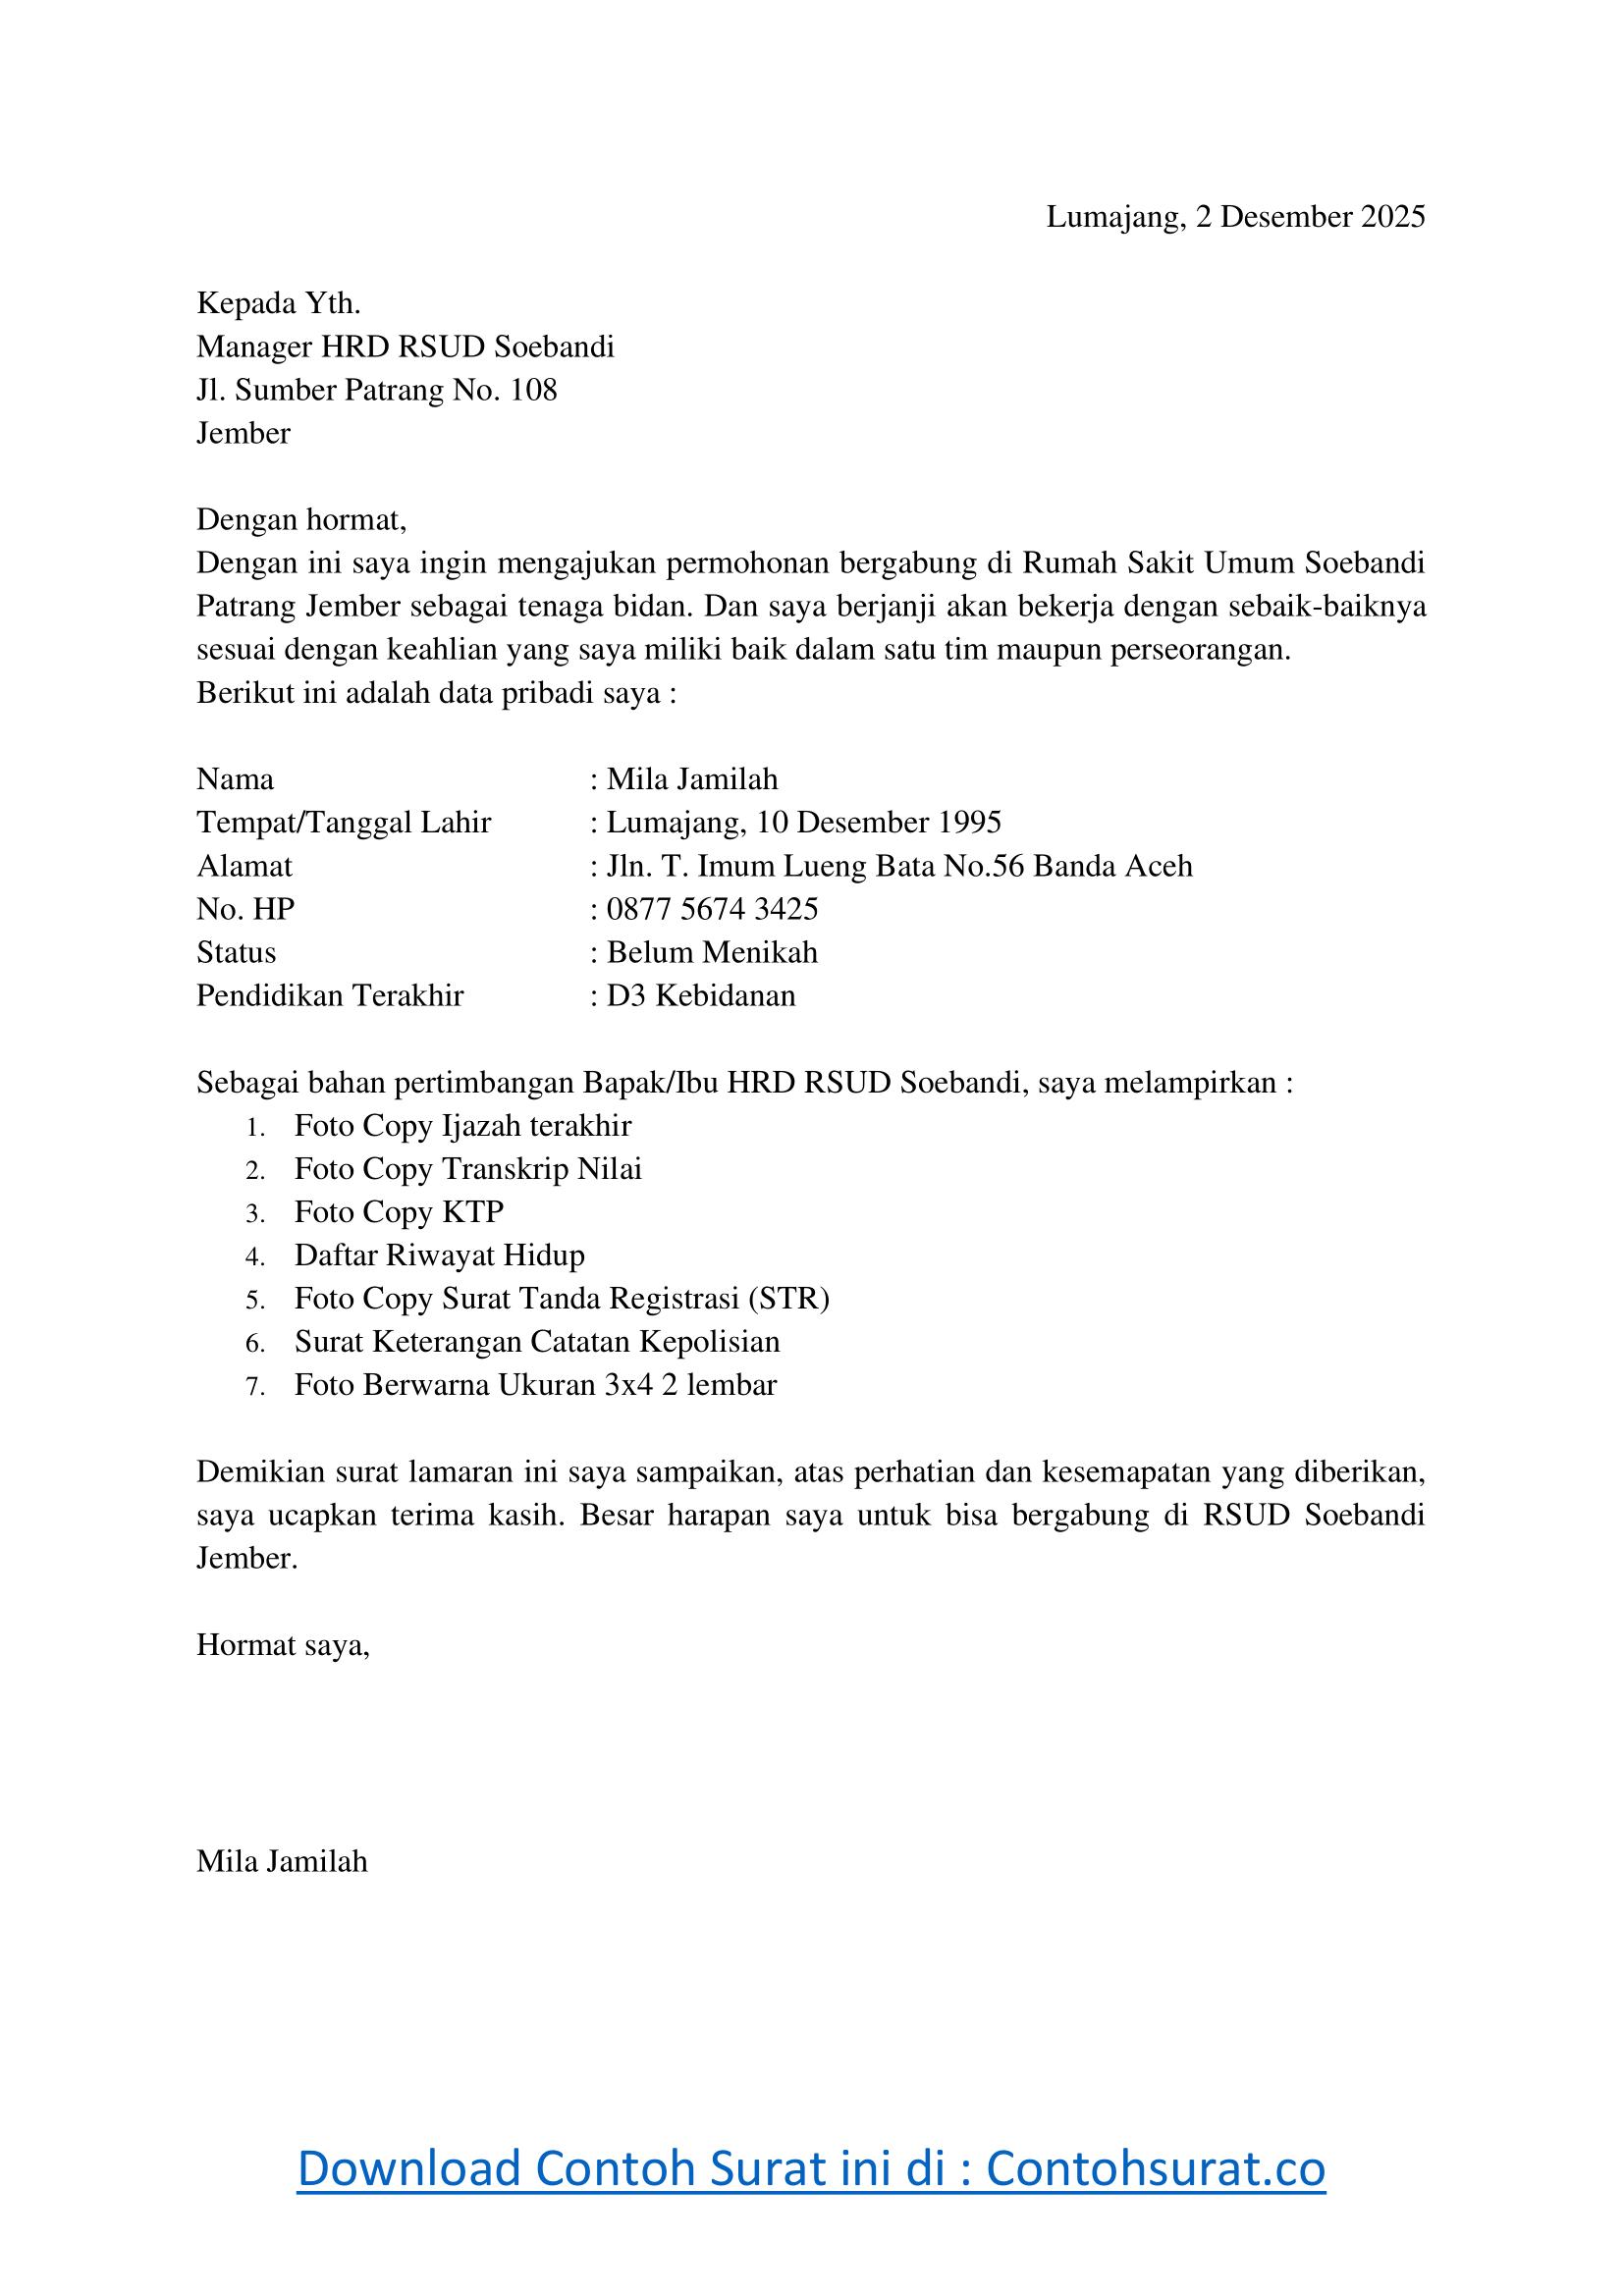 Contoh Surat Lamaran Kerja Bidan Tulis Tangan